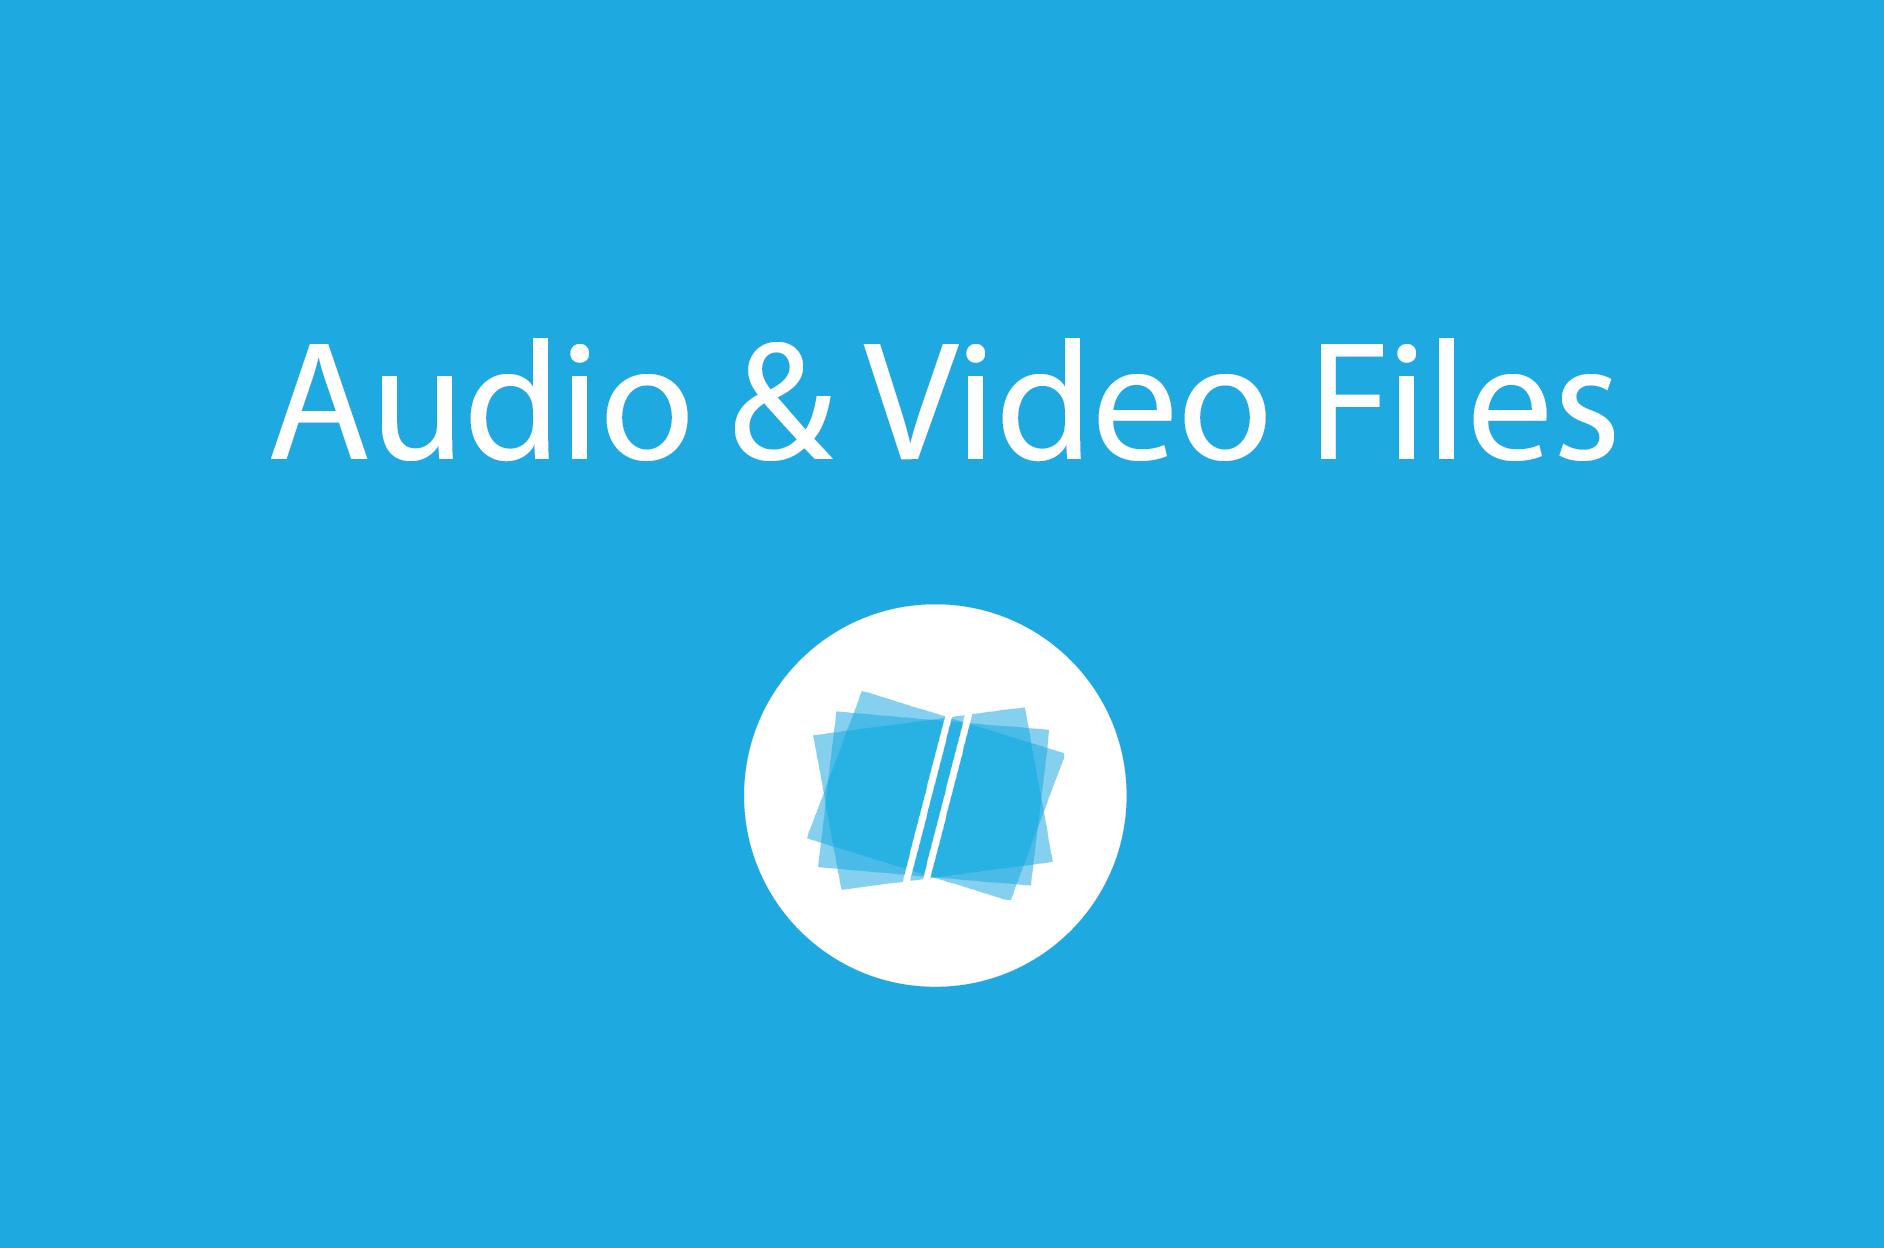 Audio_Video_Files_Bundledocs.png